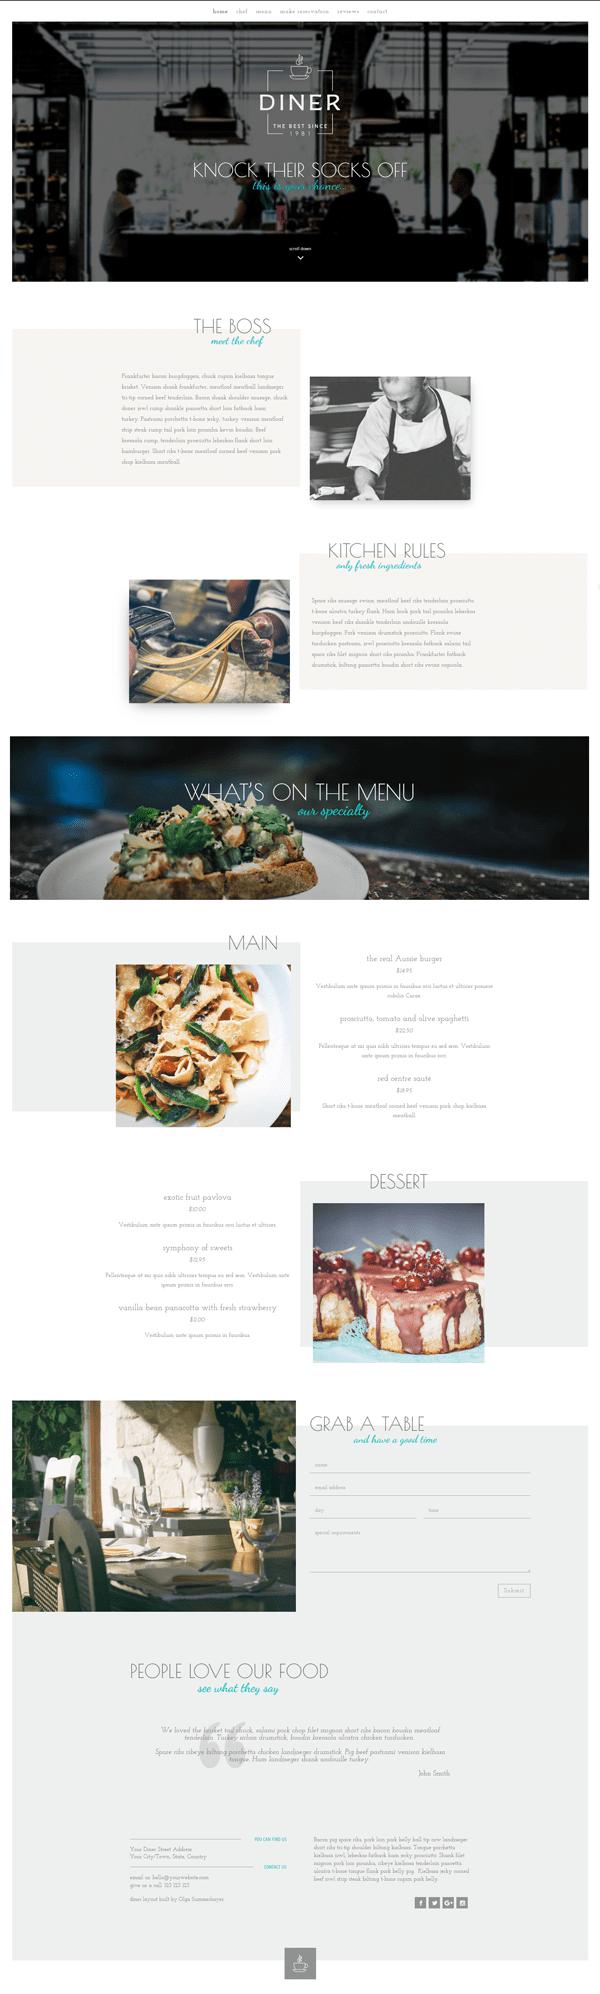 Diner-Layout-image-for-blog